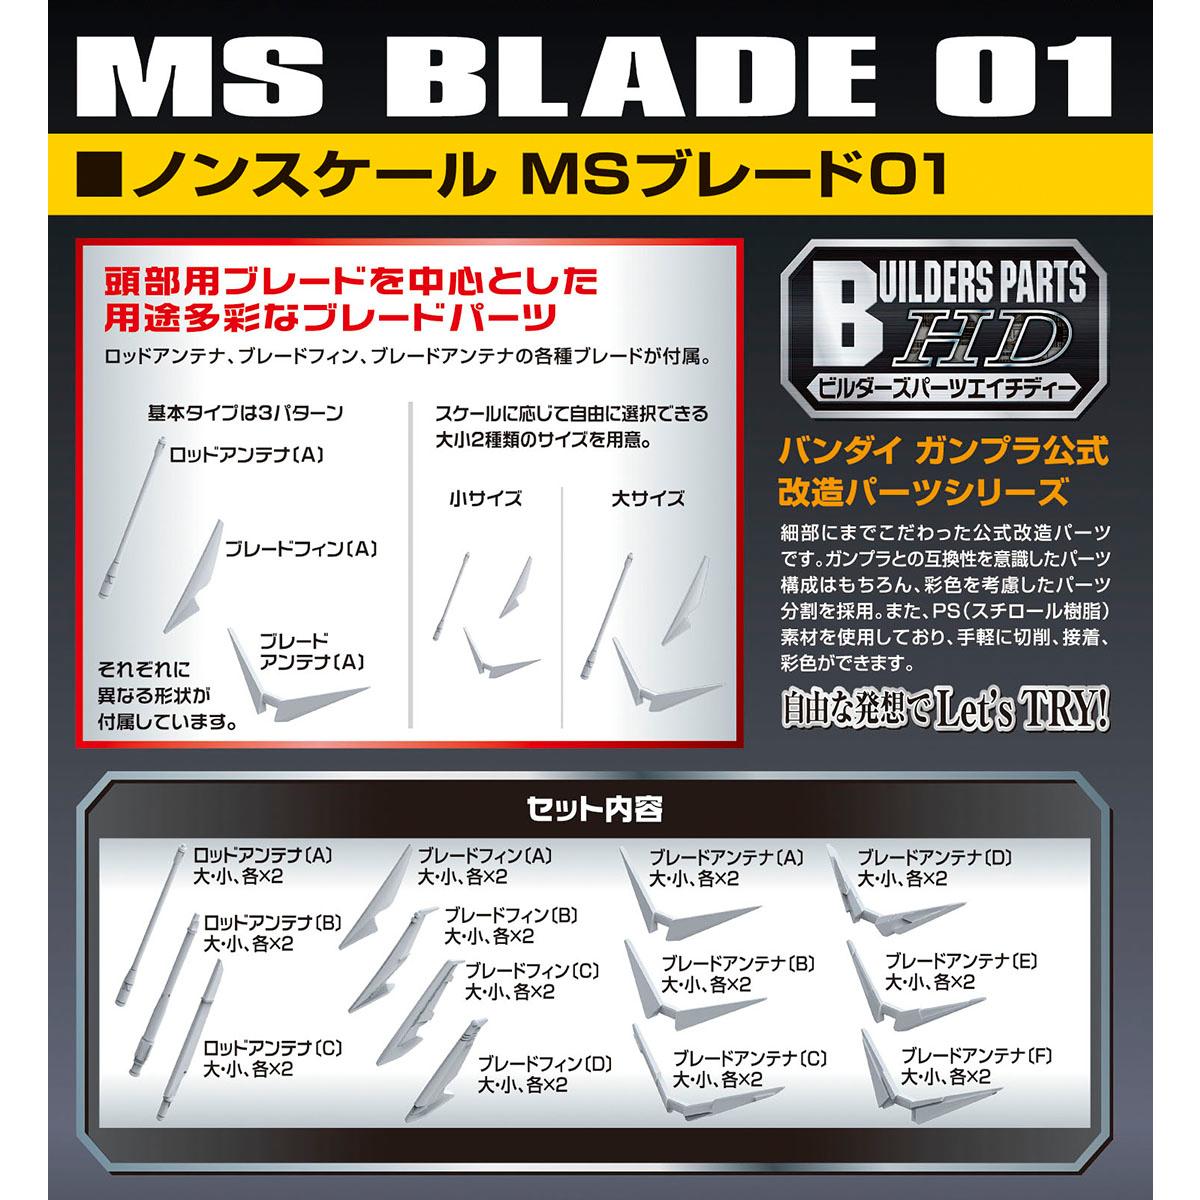 ビルダーズパーツHD-12 MSブレード01